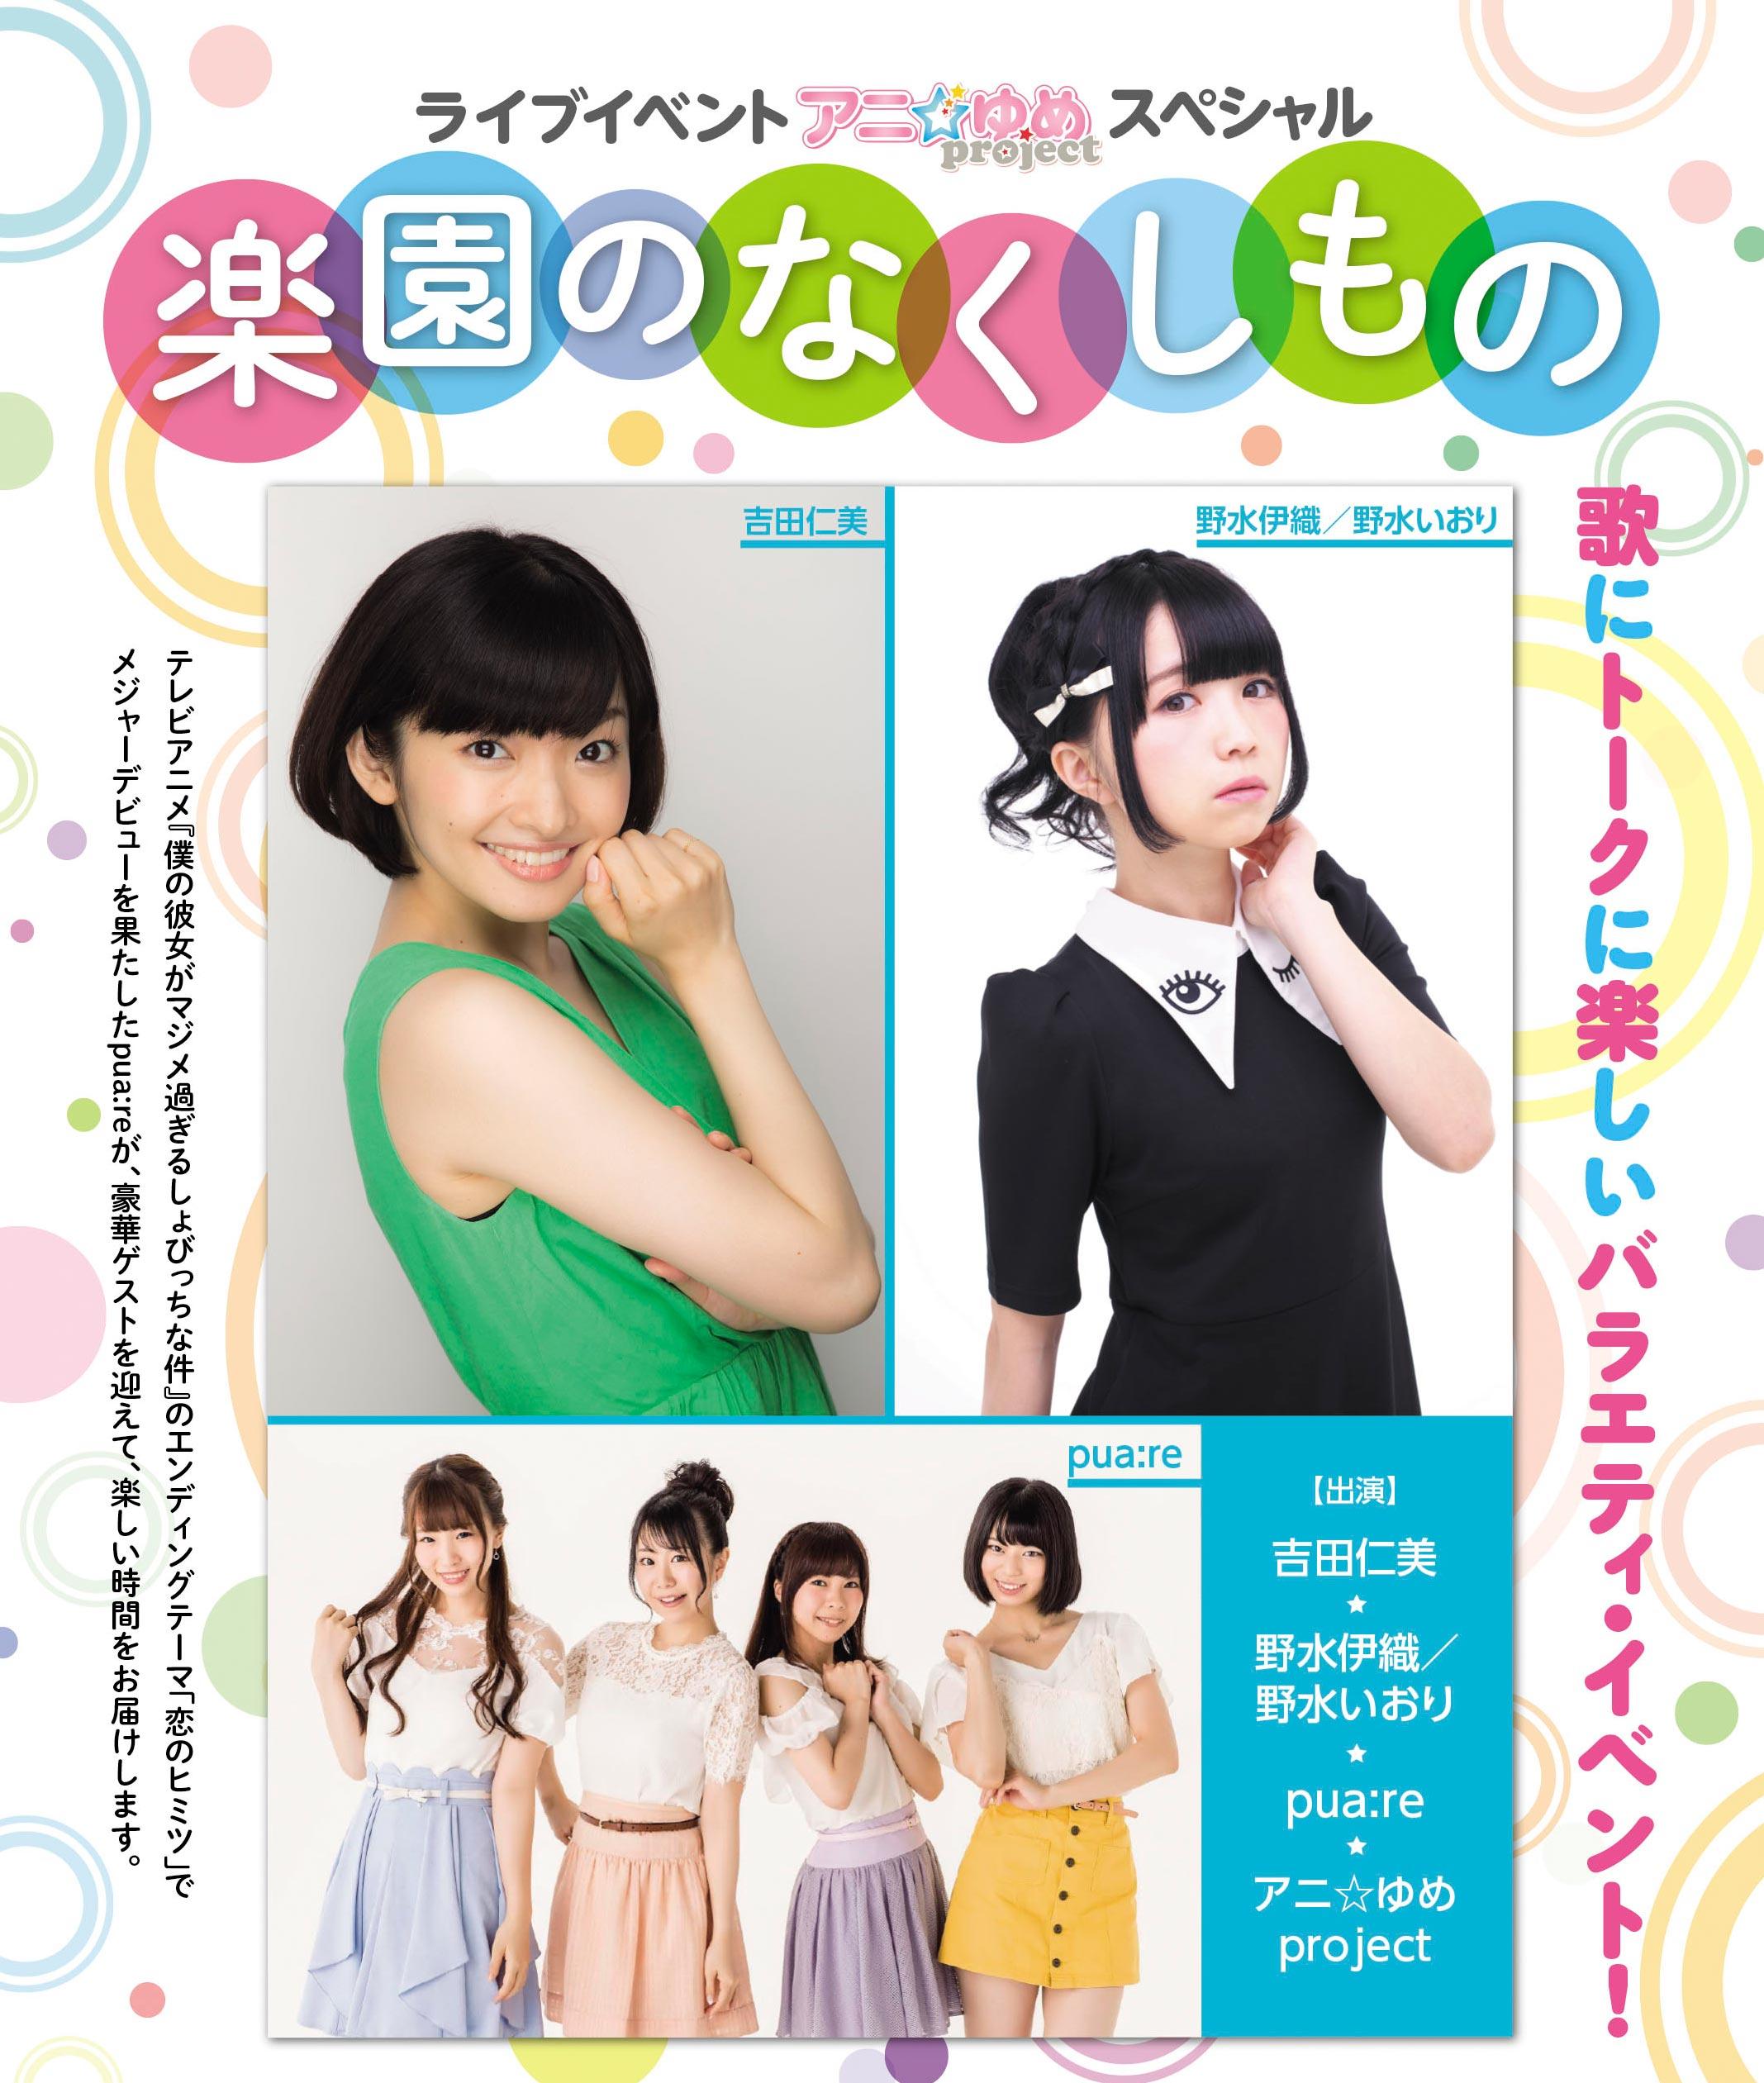 ライブイベント アニ☆ゆめproject スペシャル「楽園のなくしもの」第1部